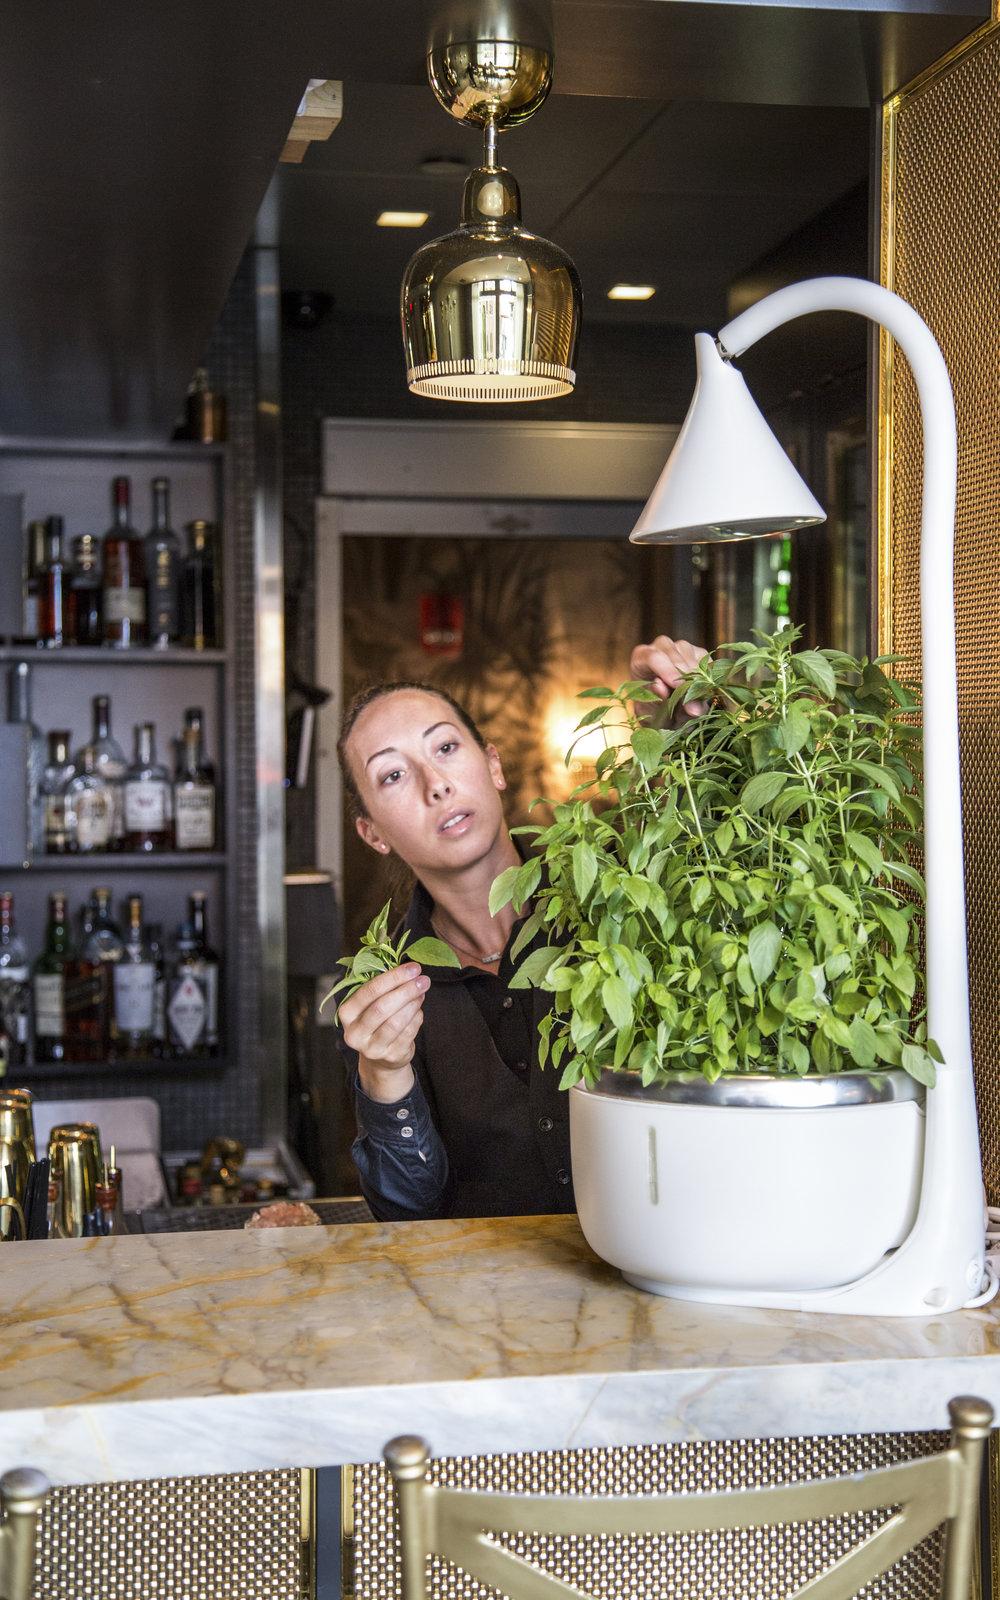 SproutsIO - Menton - Bartender Harvesting Basil.jpg